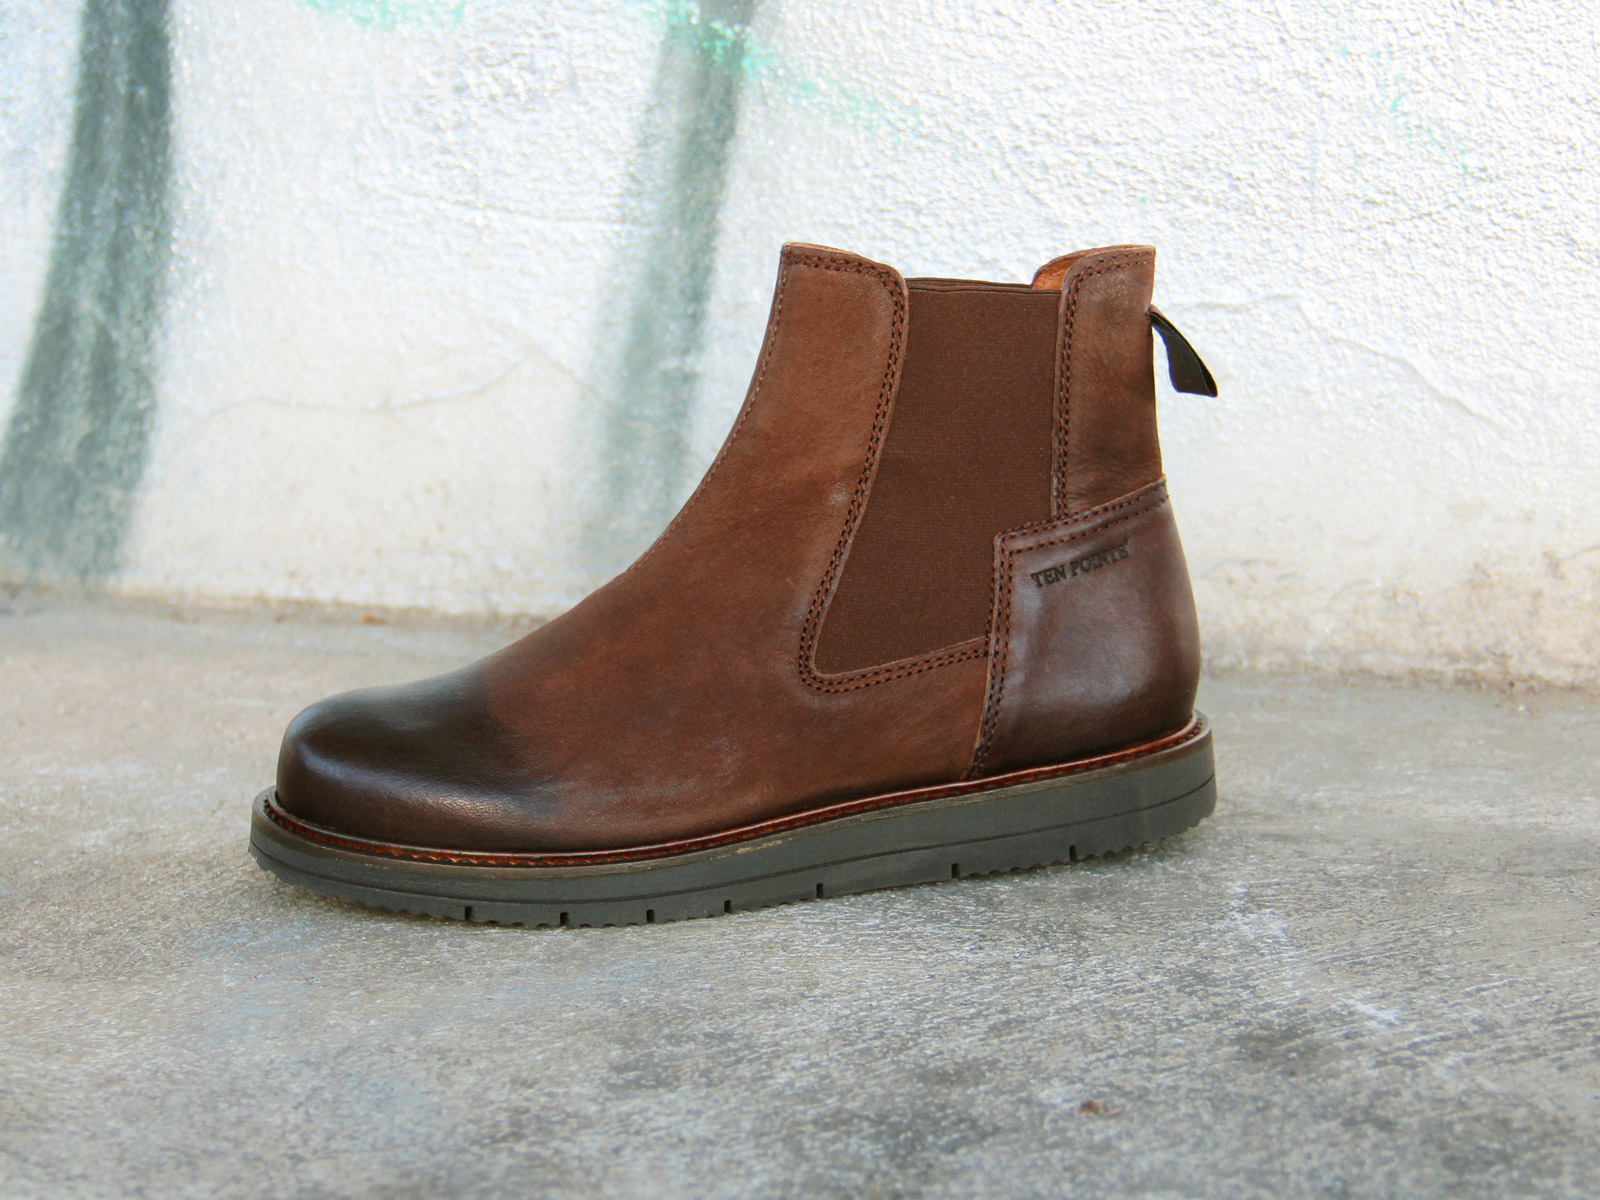 Kavat Schuhe online Schweden nachhaltiges Schuhdesign